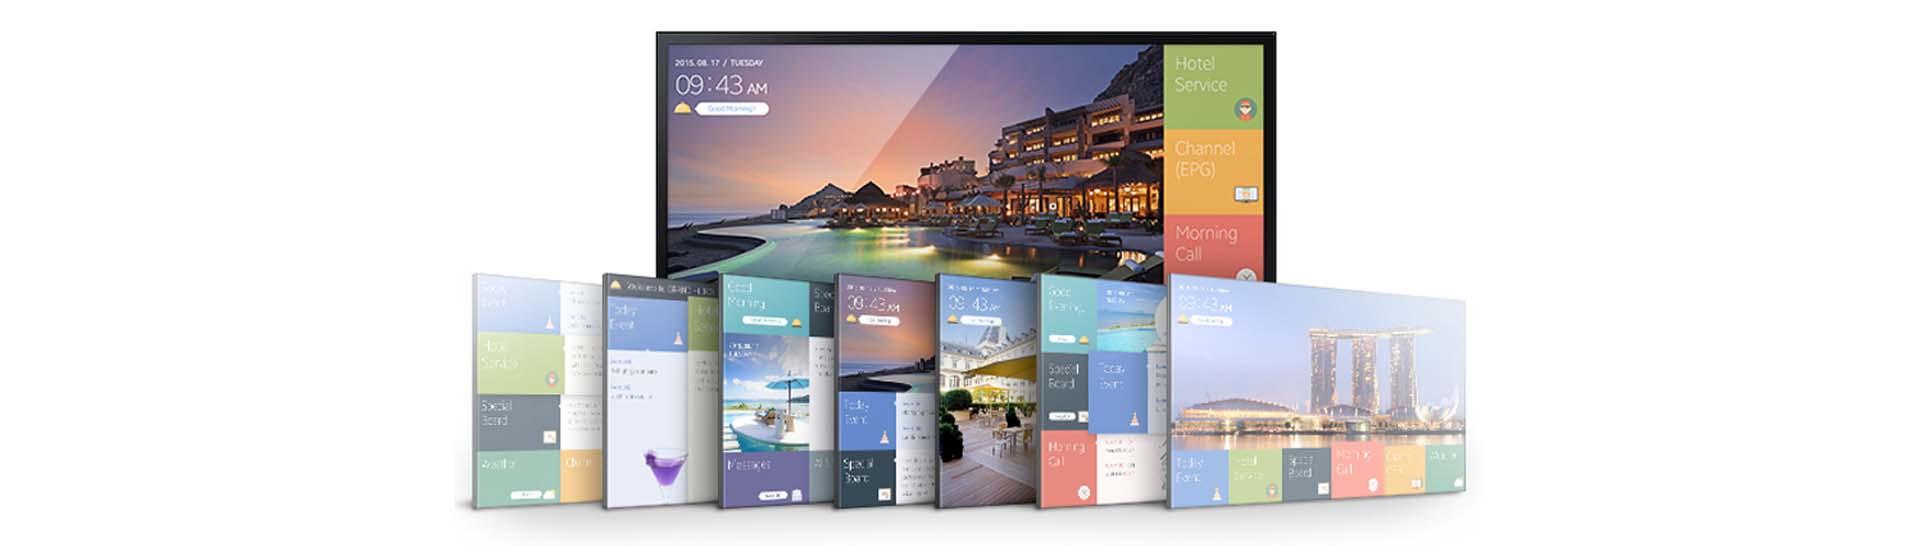 Gestor de contenido digital para hoteles.